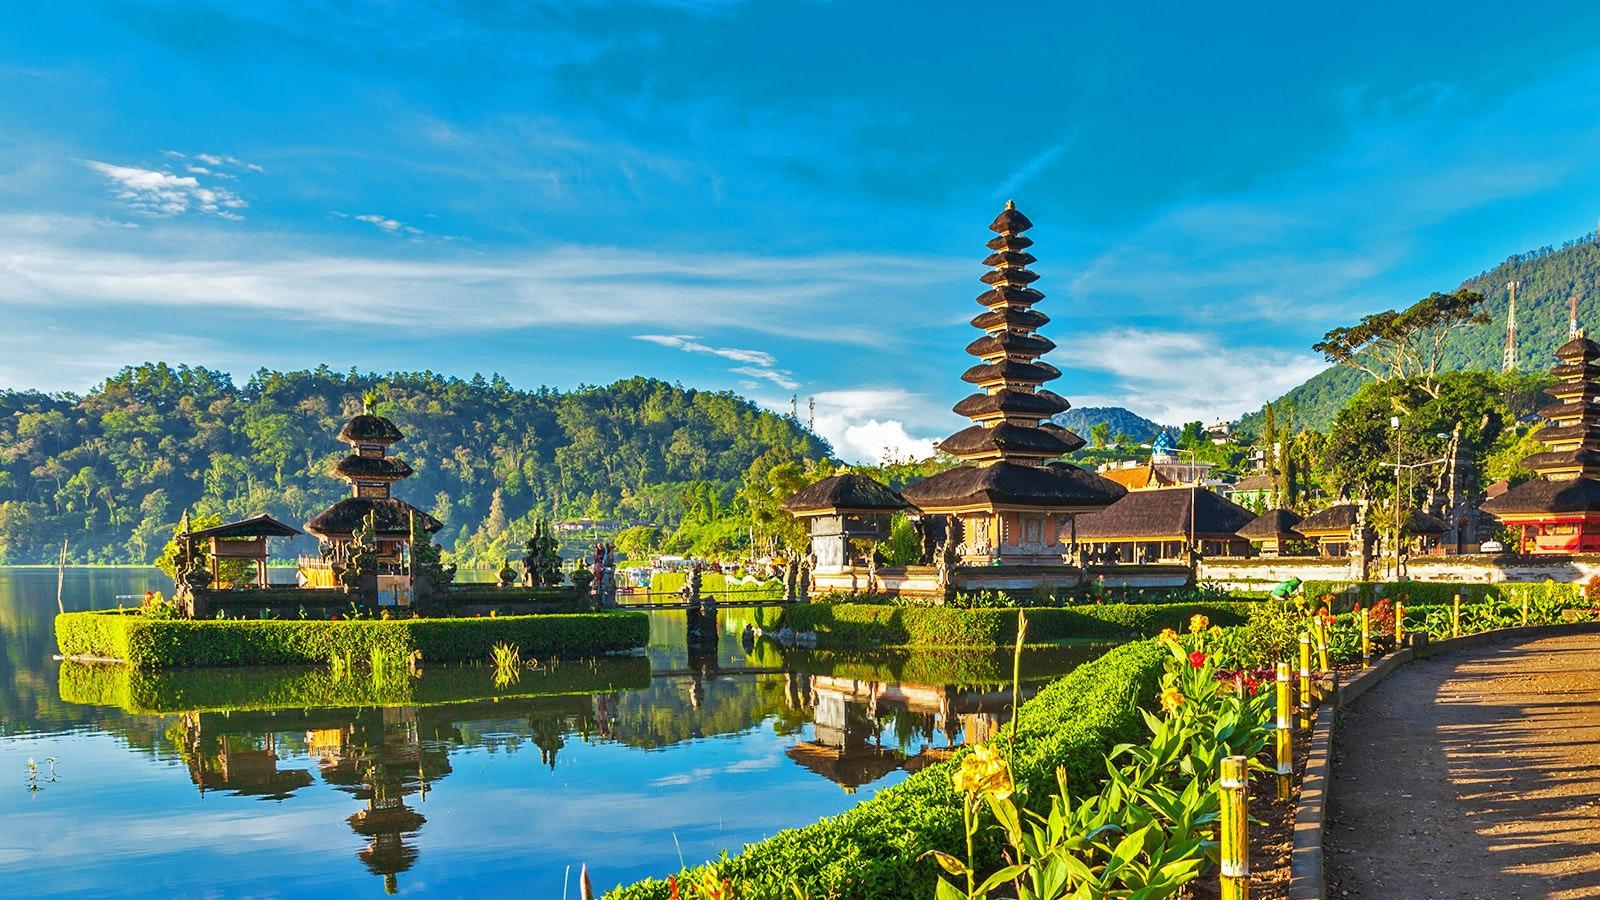 Mental health volunteering in Bali